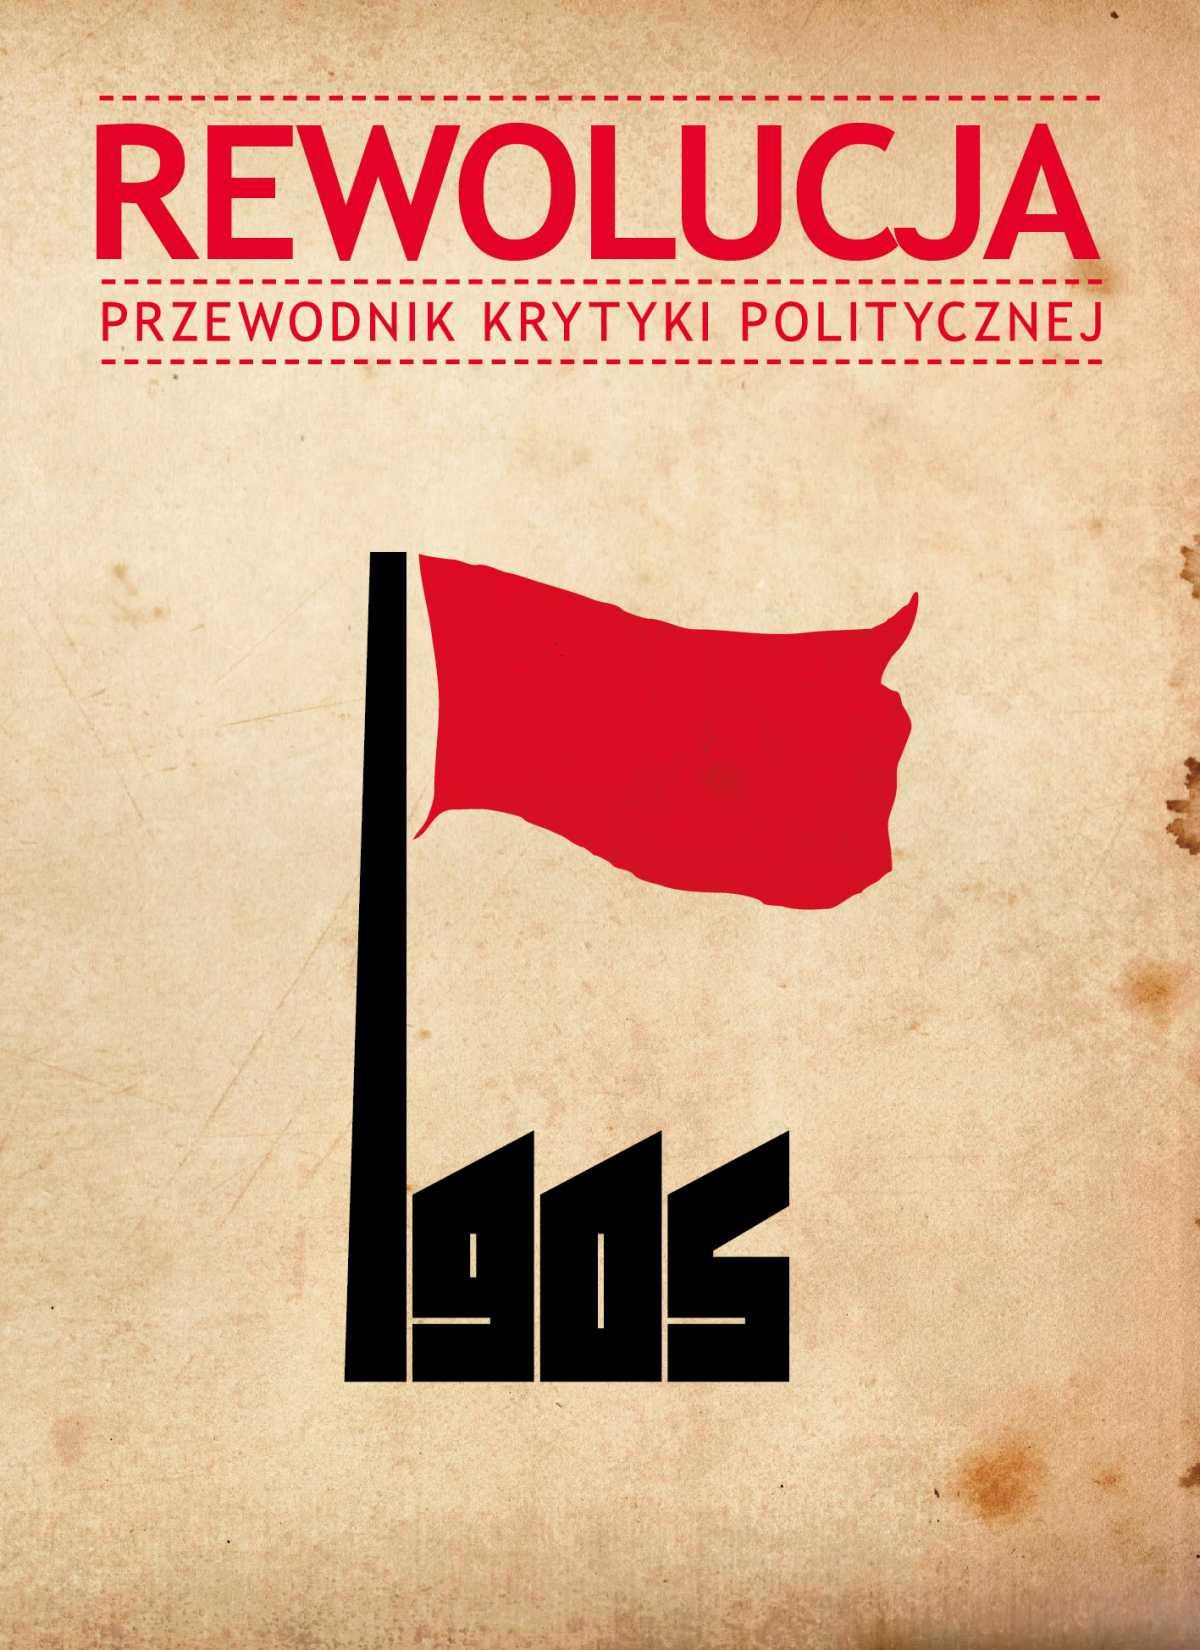 Rewolucja 1905. Przewodnik Krytyki politycznej - Ebook (Książka na Kindle) do pobrania w formacie MOBI